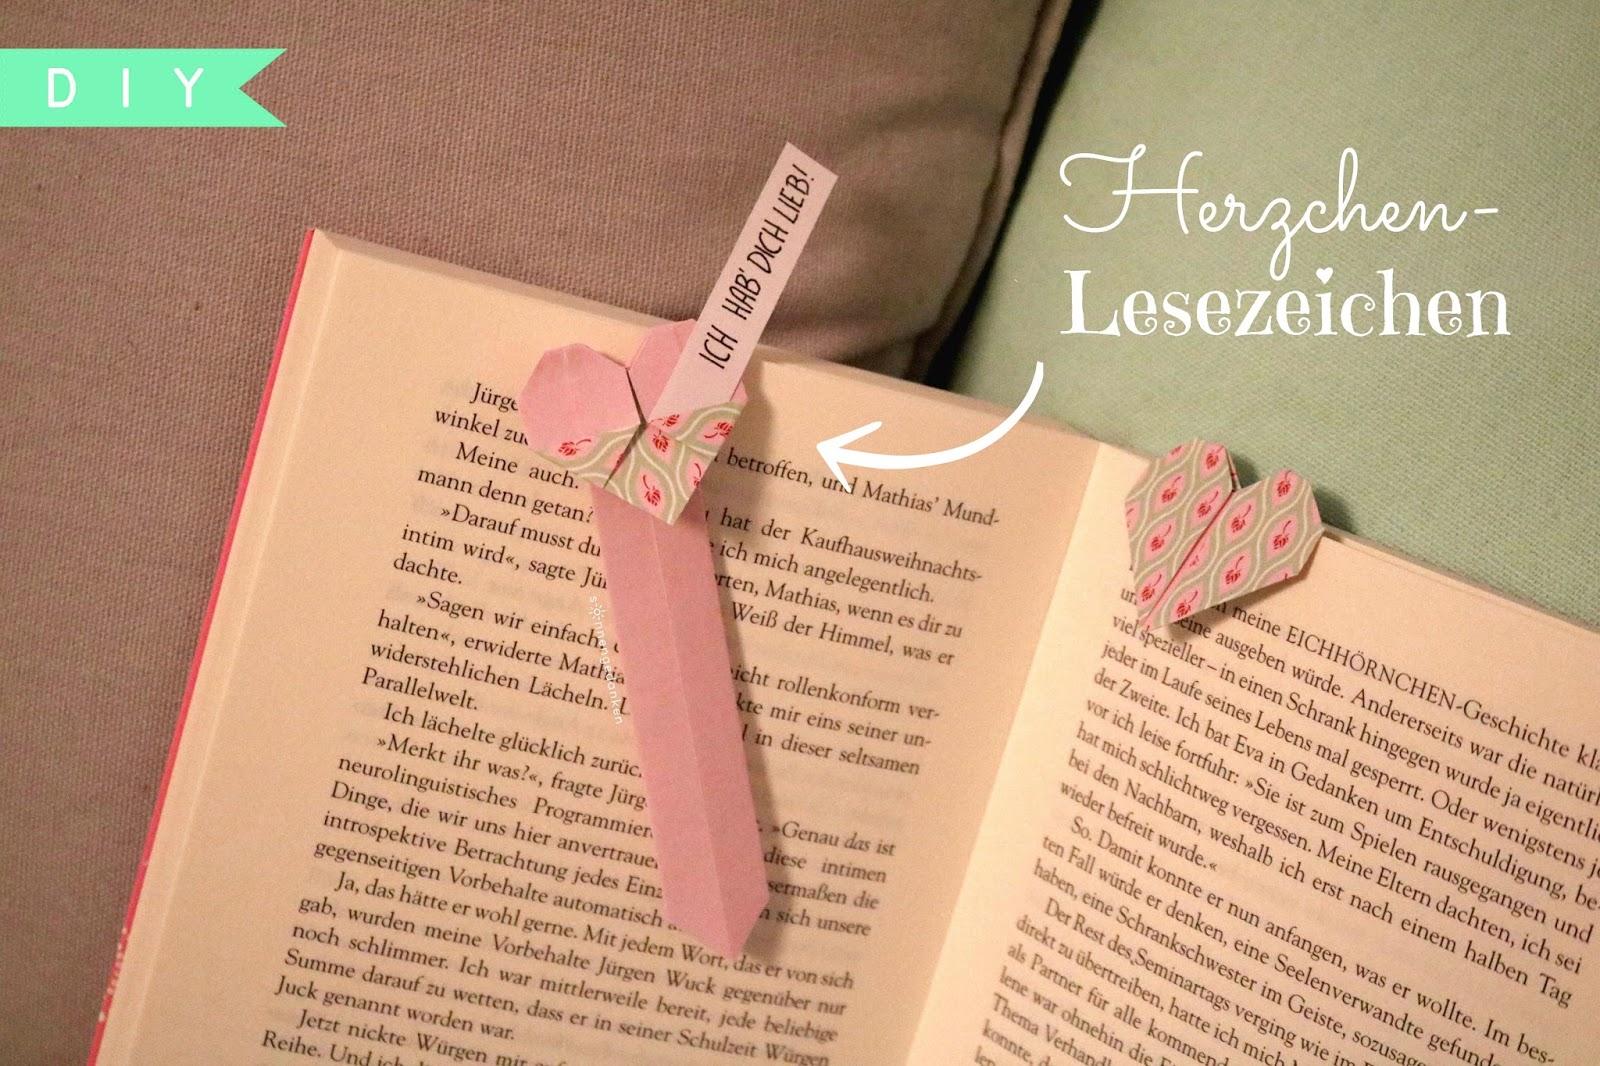 Lieben Gruß Zum Valentinstag : sonnengedanken diy lesezeichen zum valentinstag ~ Lizthompson.info Haus und Dekorationen